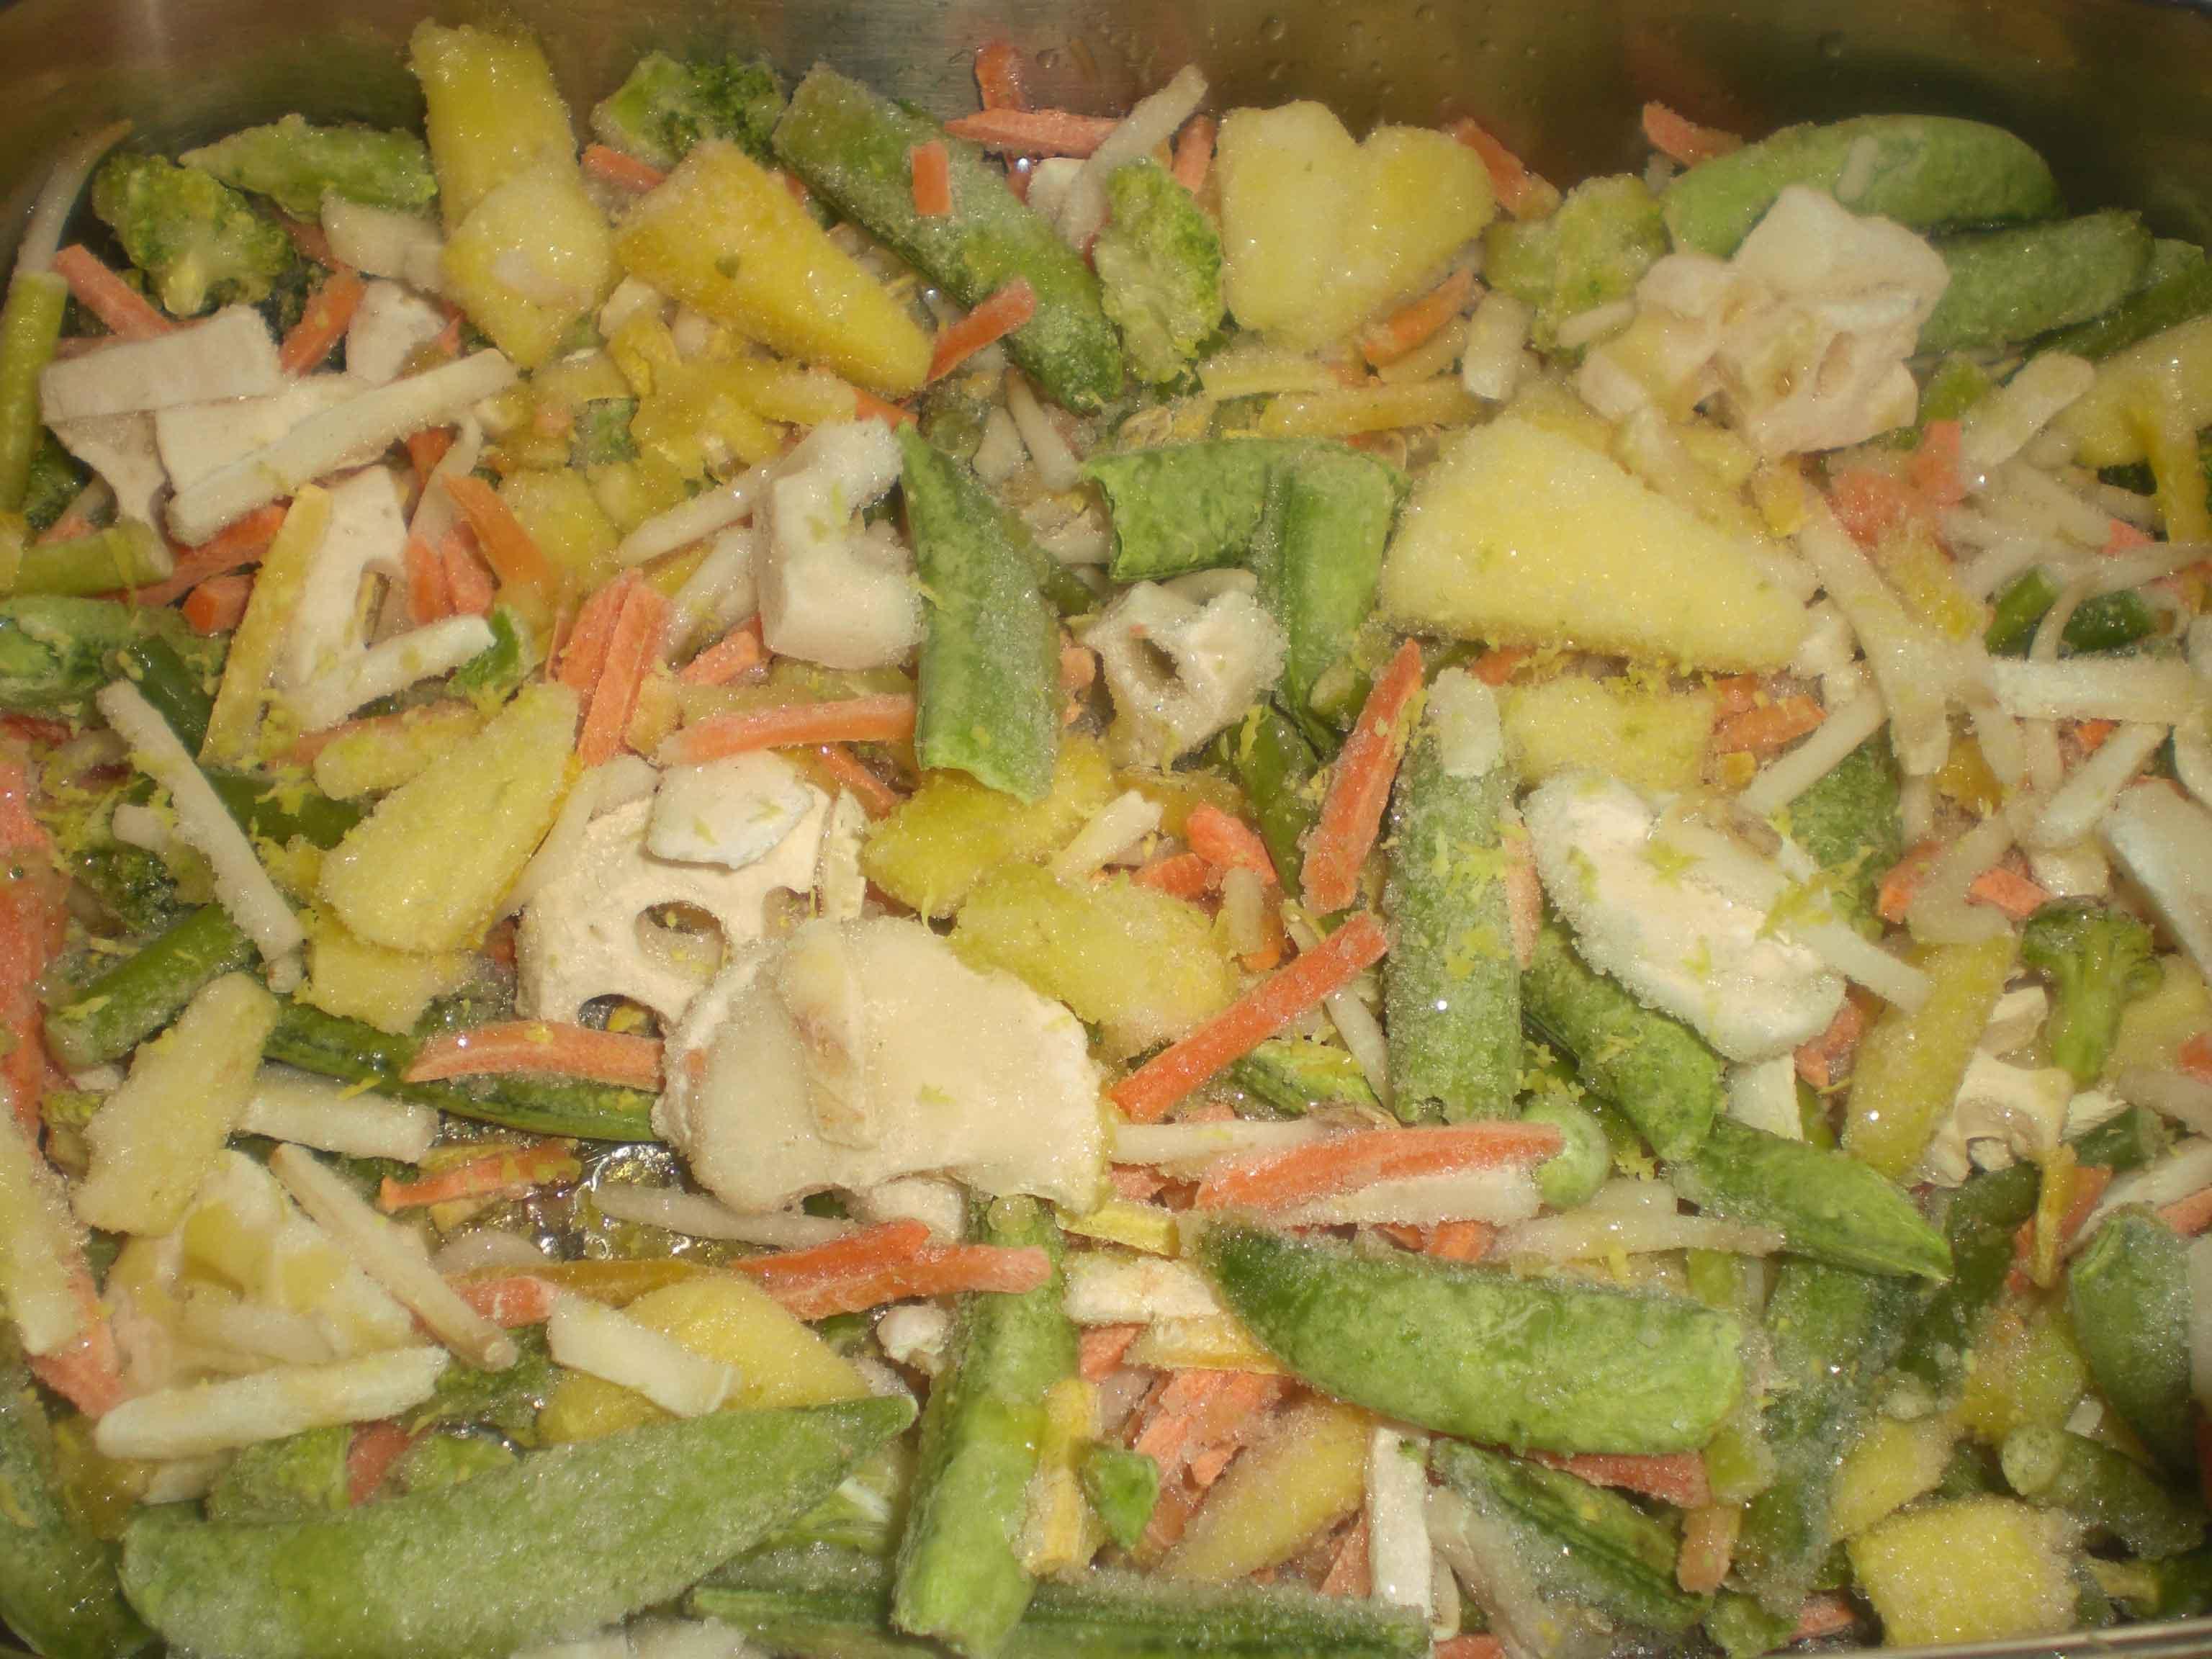 Rødfisk på grøntsager i ovn